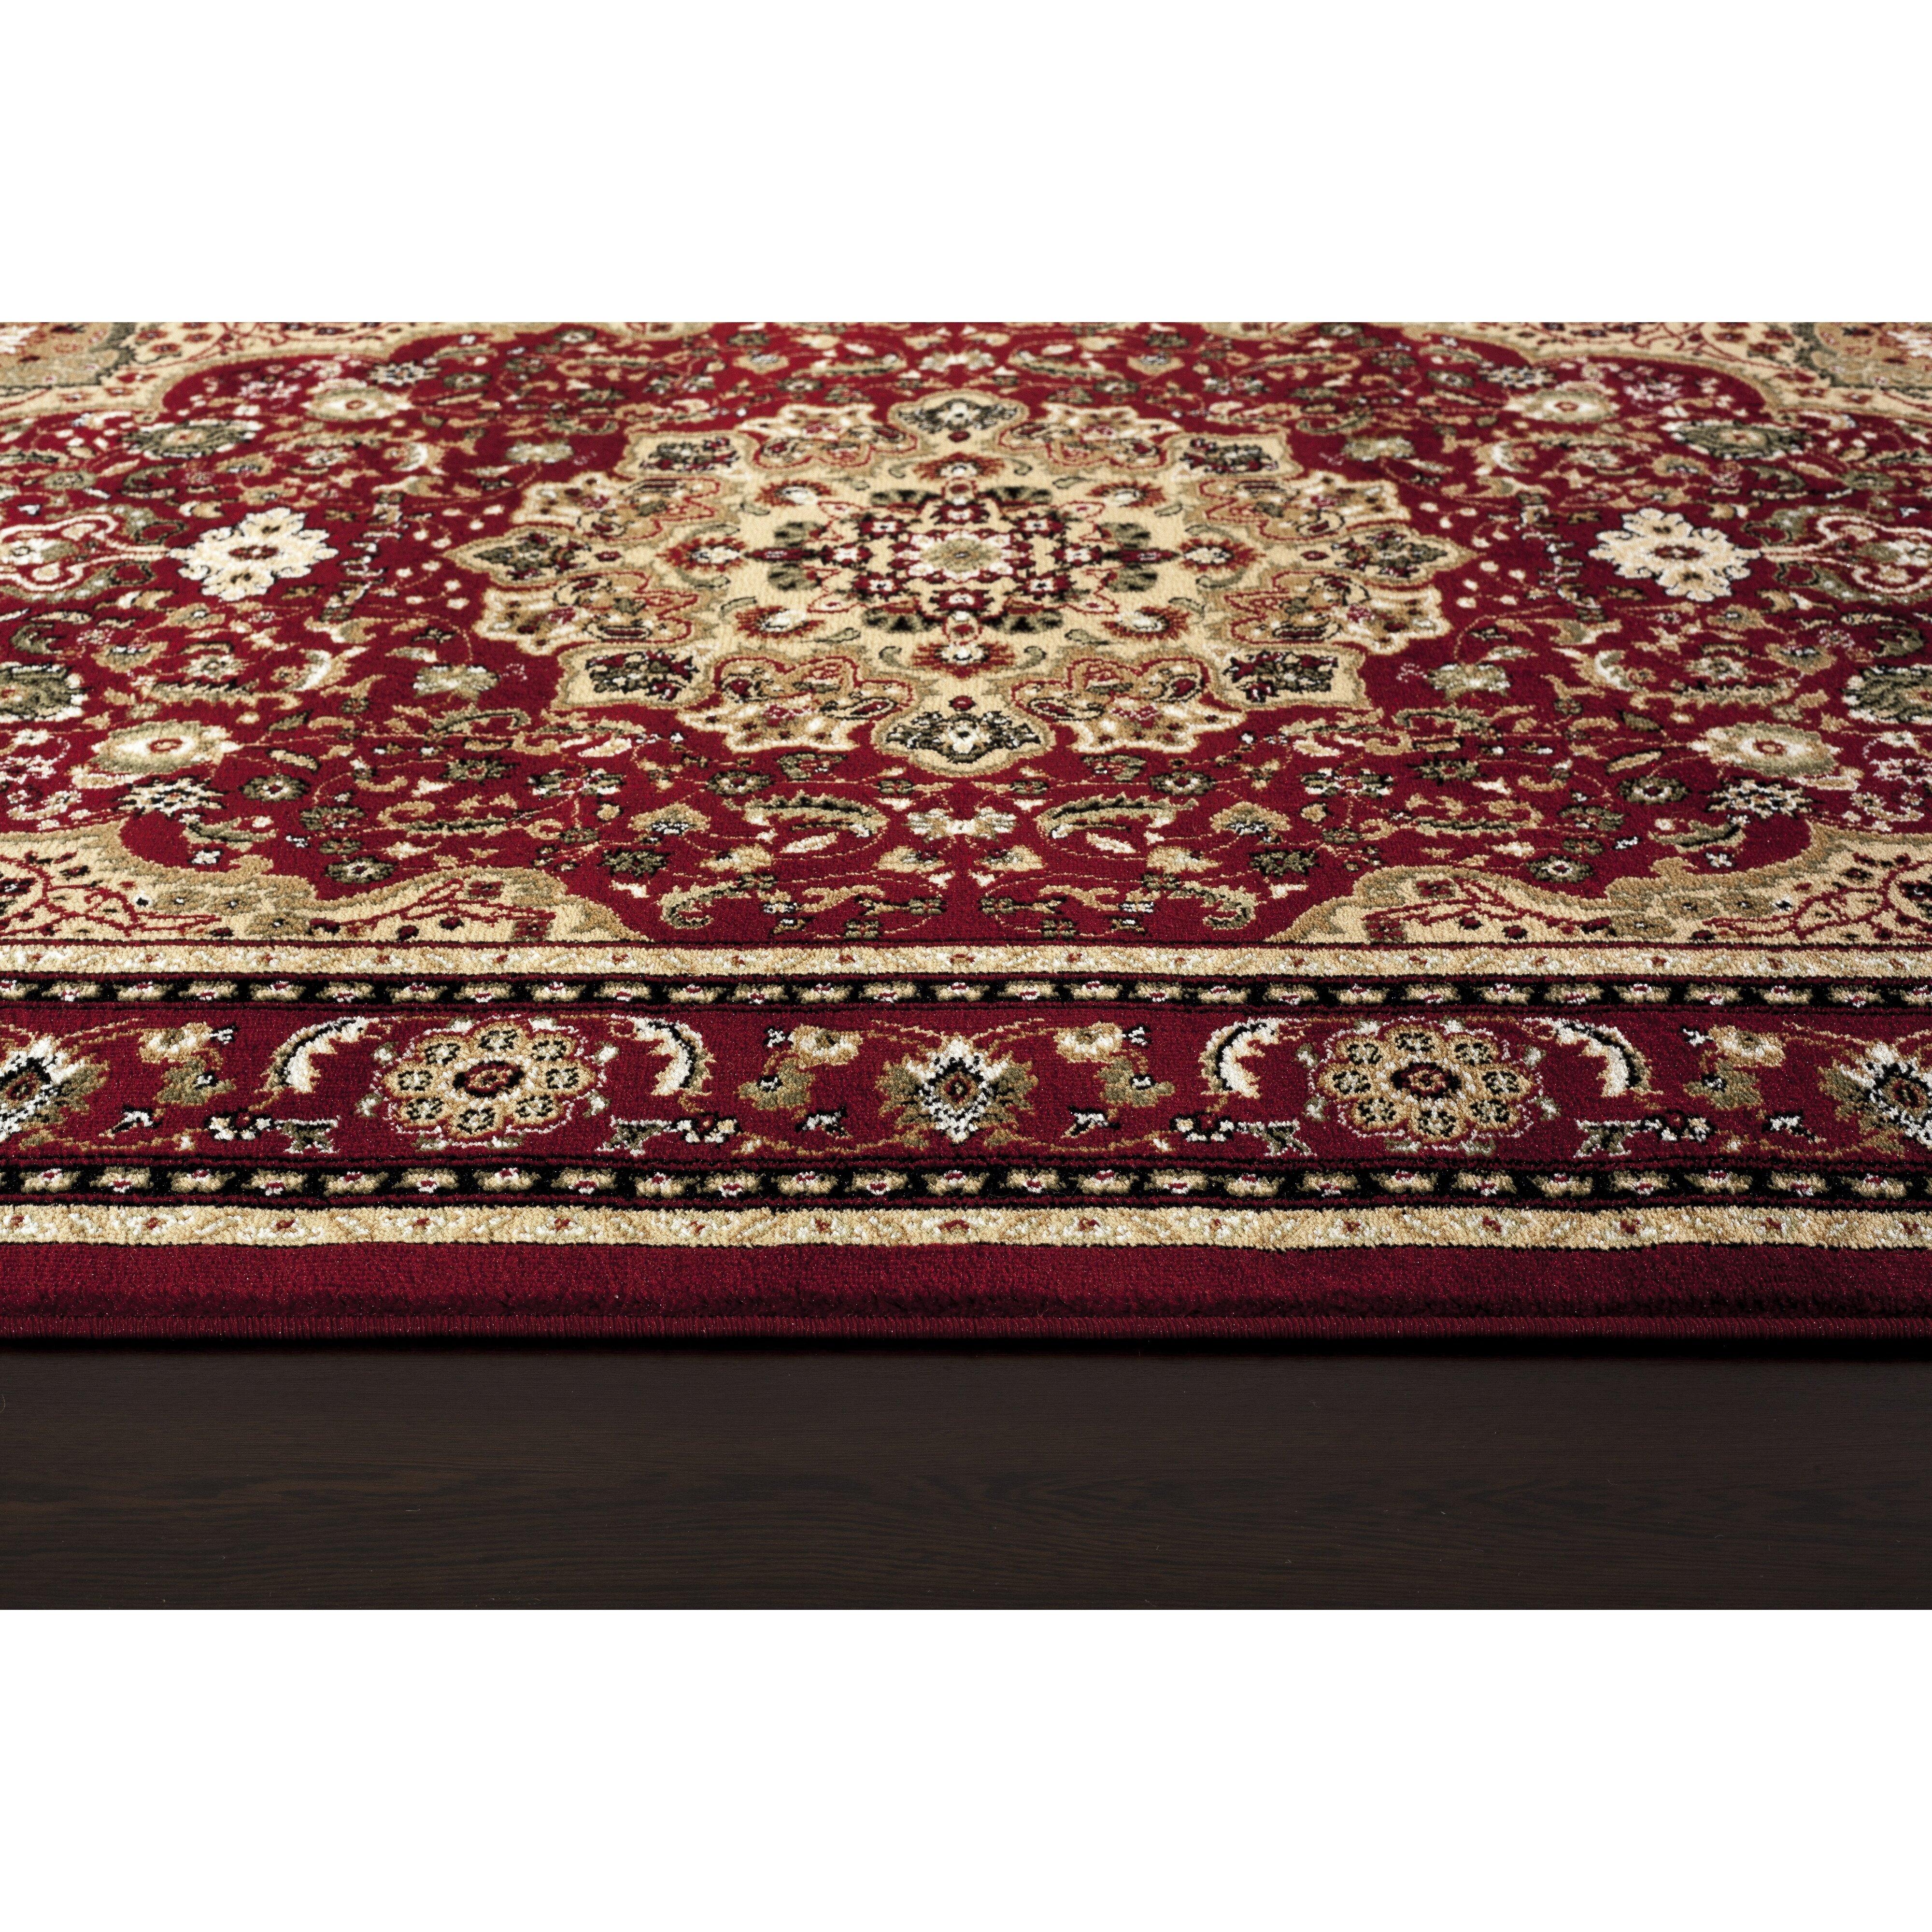 Persain Rug: Persian-rugs Burgundy Area Rug & Reviews